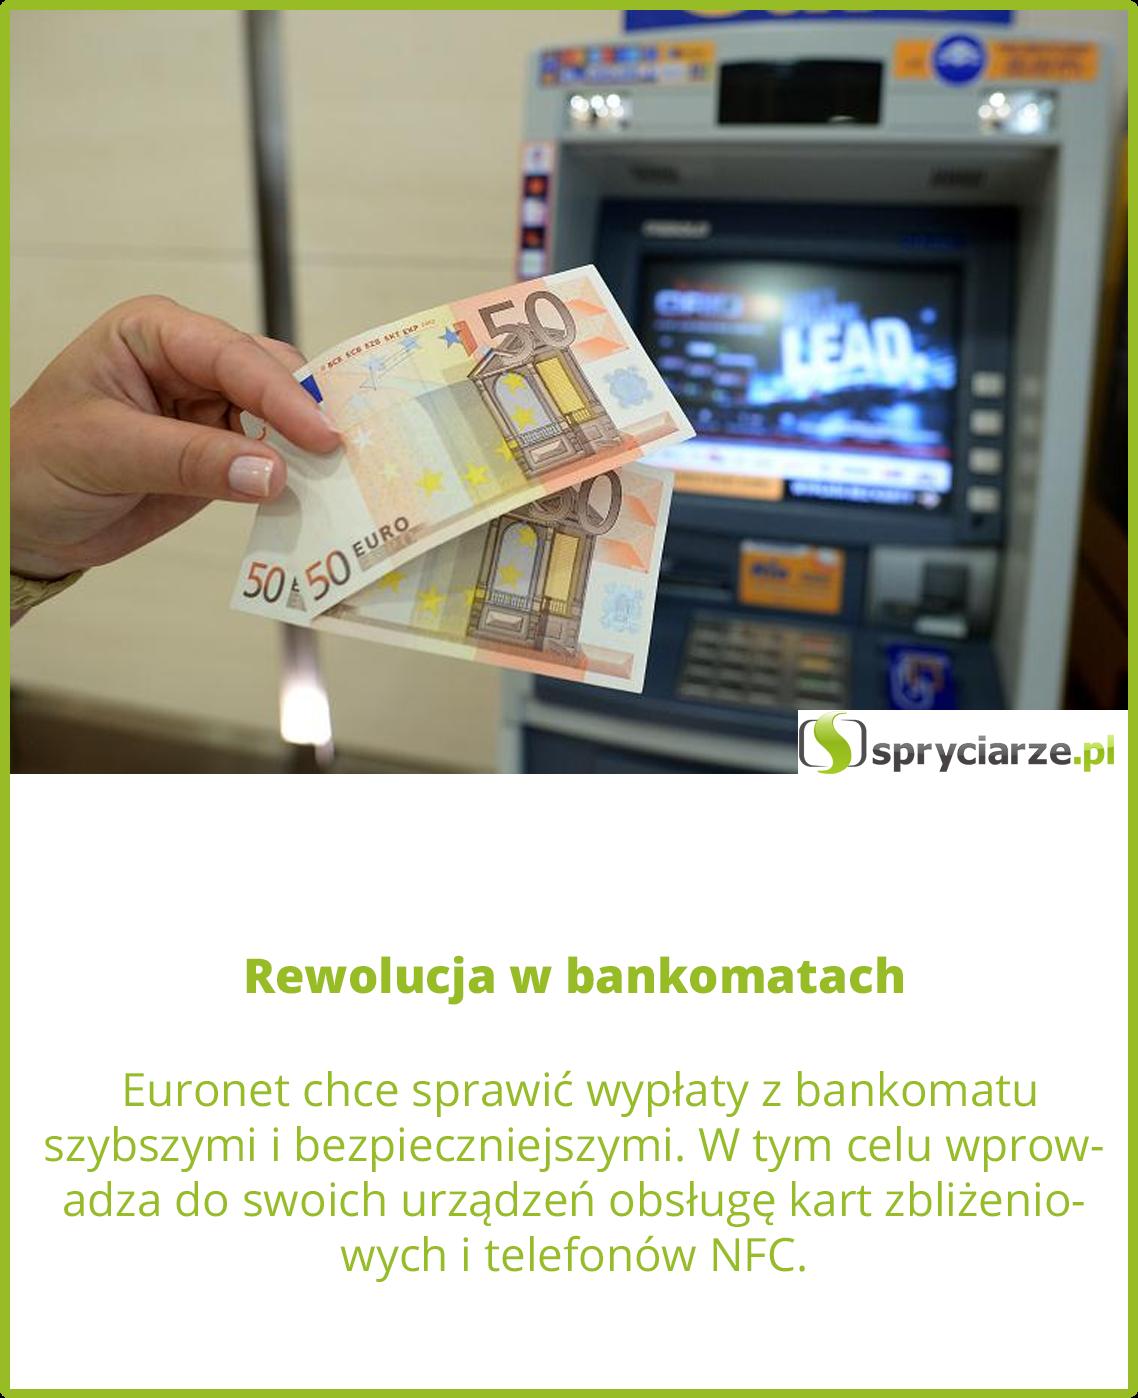 Rewolucja w bankomatach